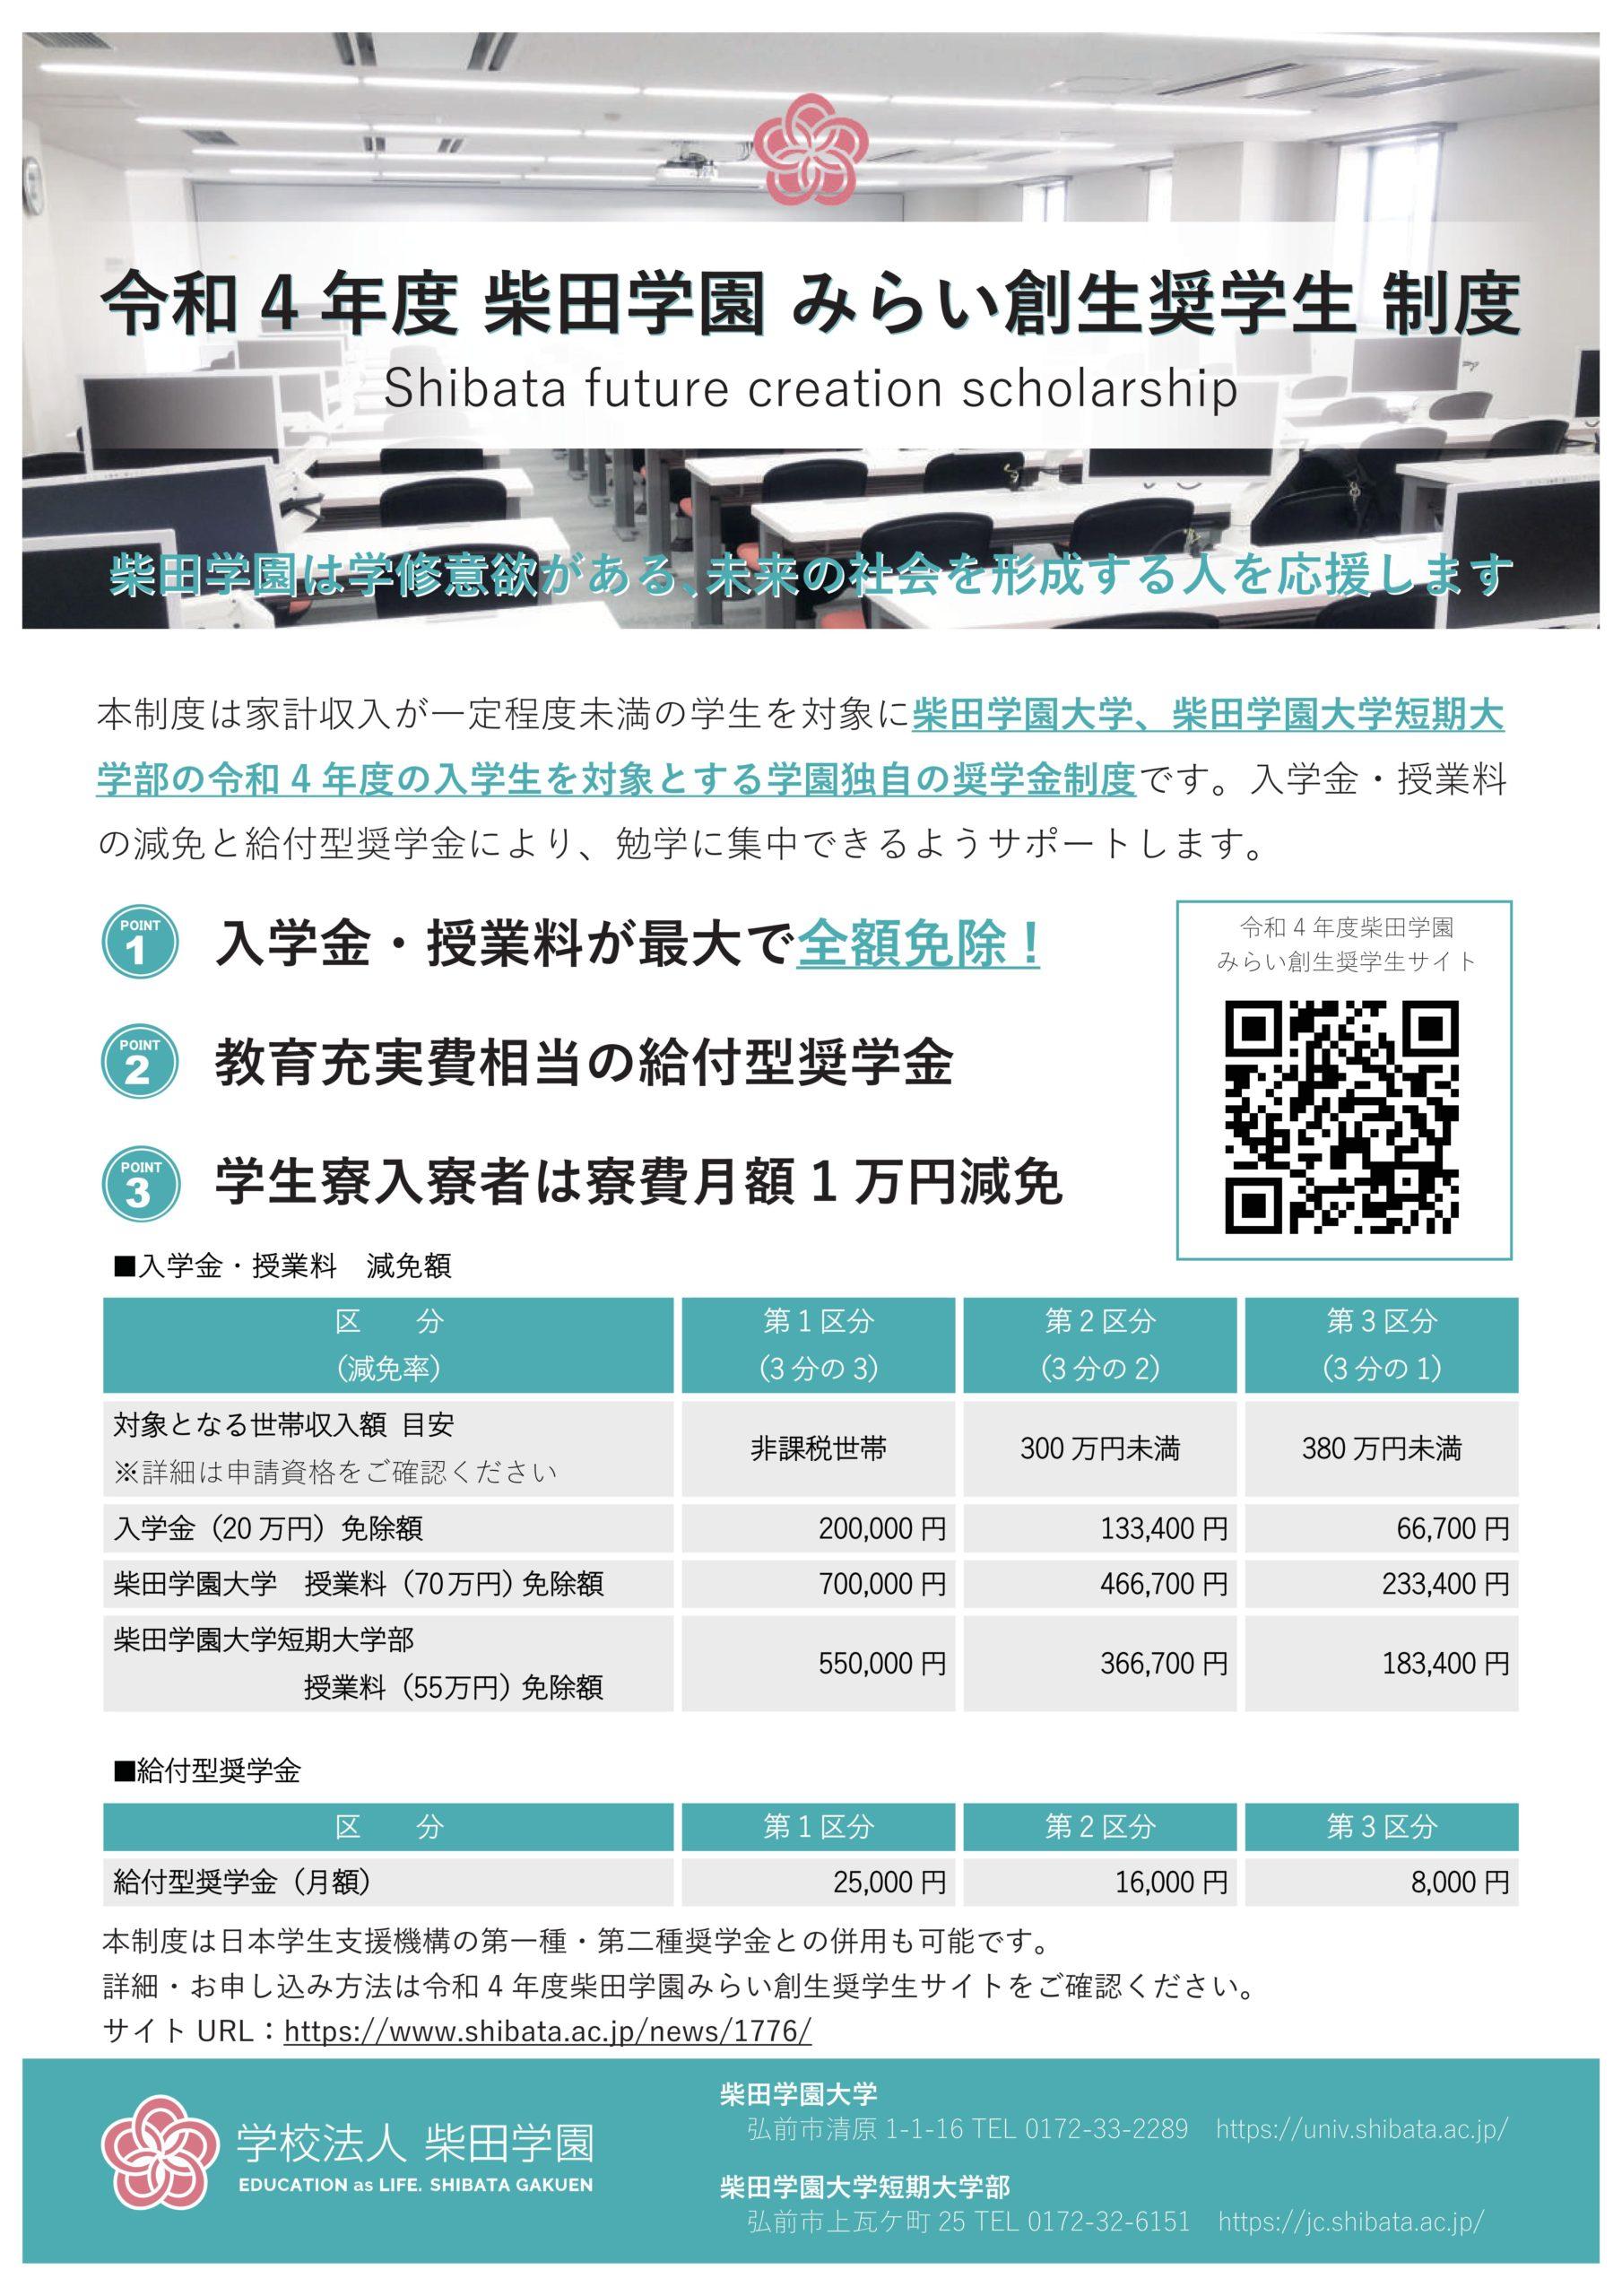 柴田学園みらい創生奨学生制度